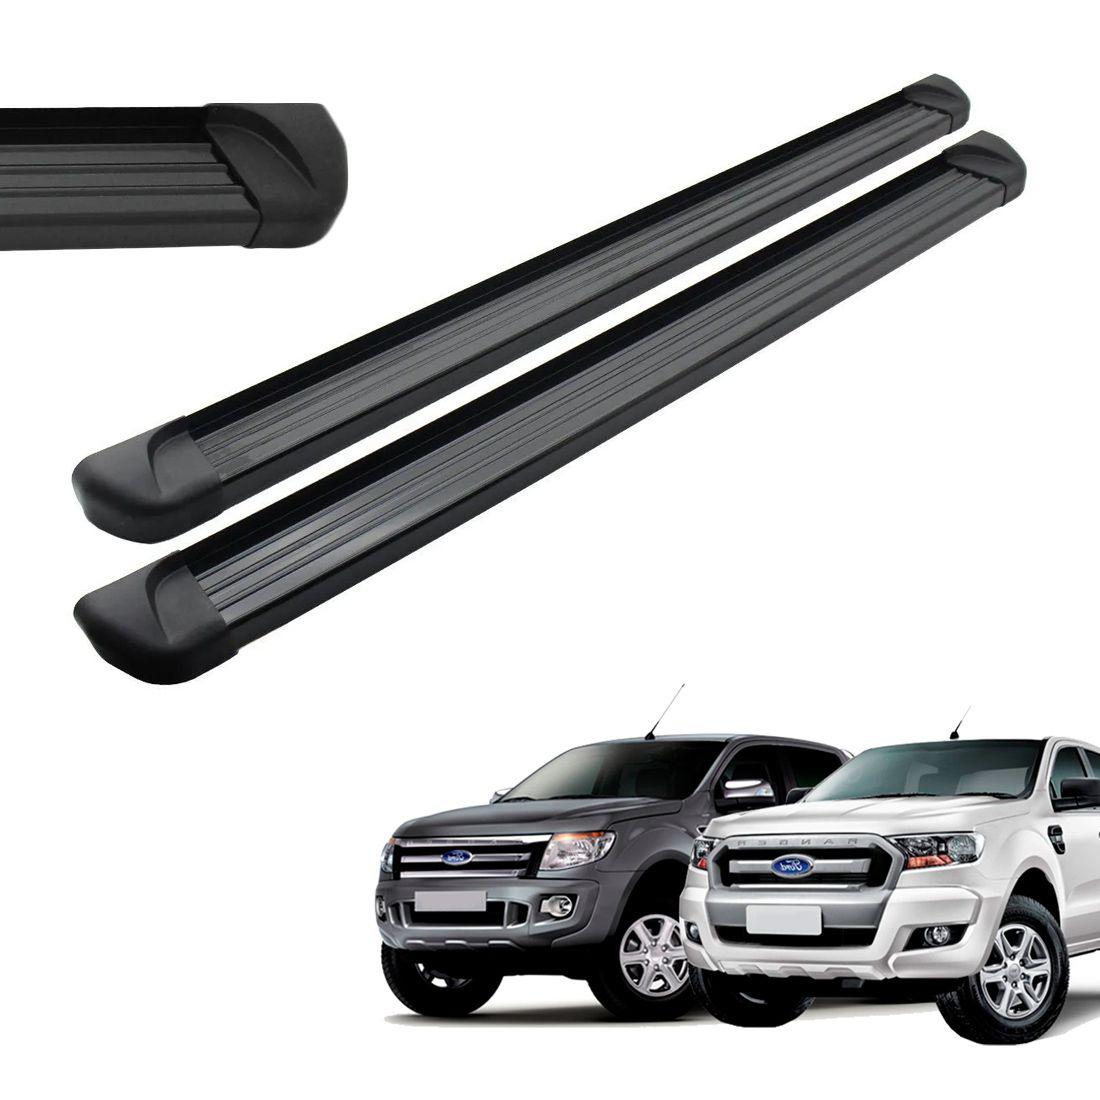 Estribo Aluminio Preto Cabine Dupla Ranger 2013 a 2018 2019 2020